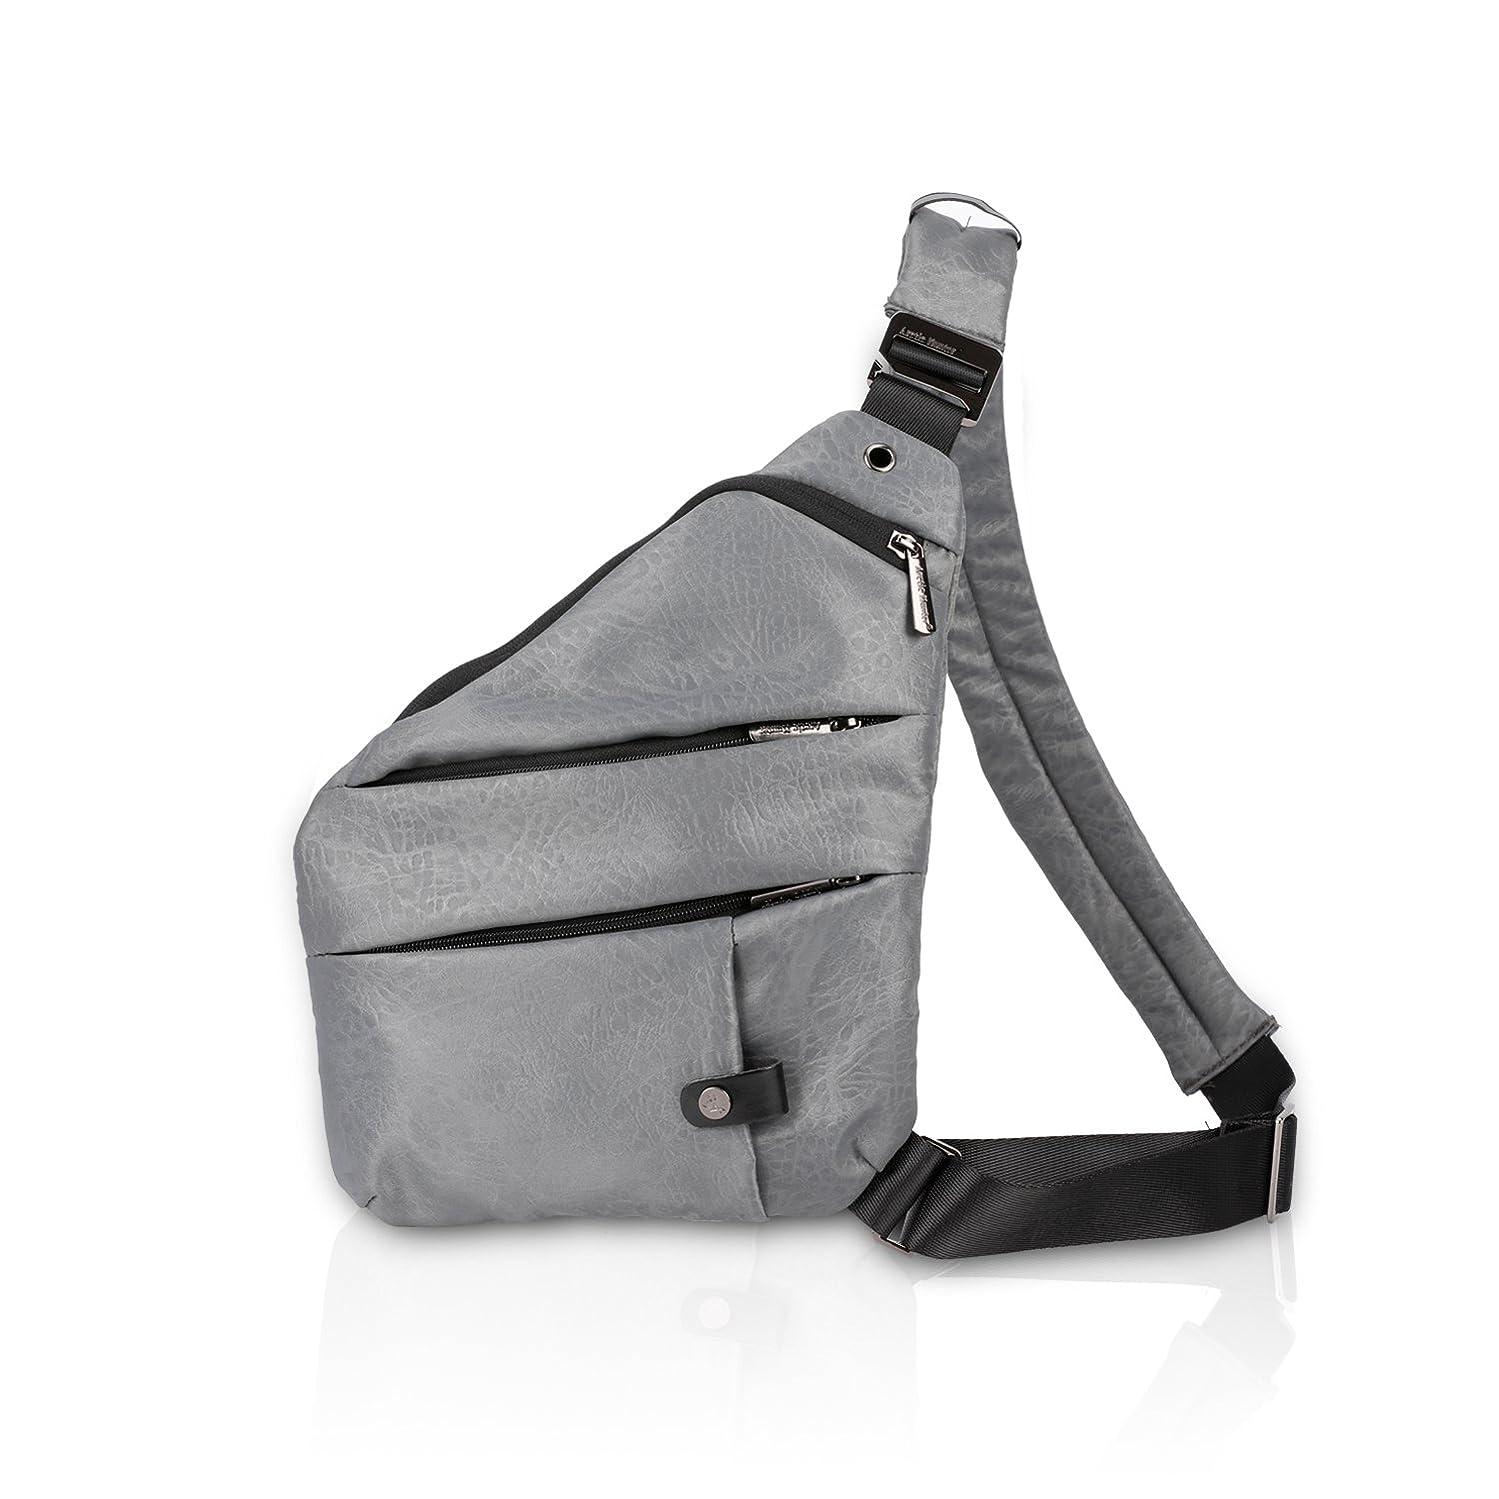 共同選択伝統セールFANDARE ボディバッグ ワンショルダーバッグ 斜めがけバッグ 軽量 盗難防止 通勤 旅行 男女兼用 メンズ ポリエステル